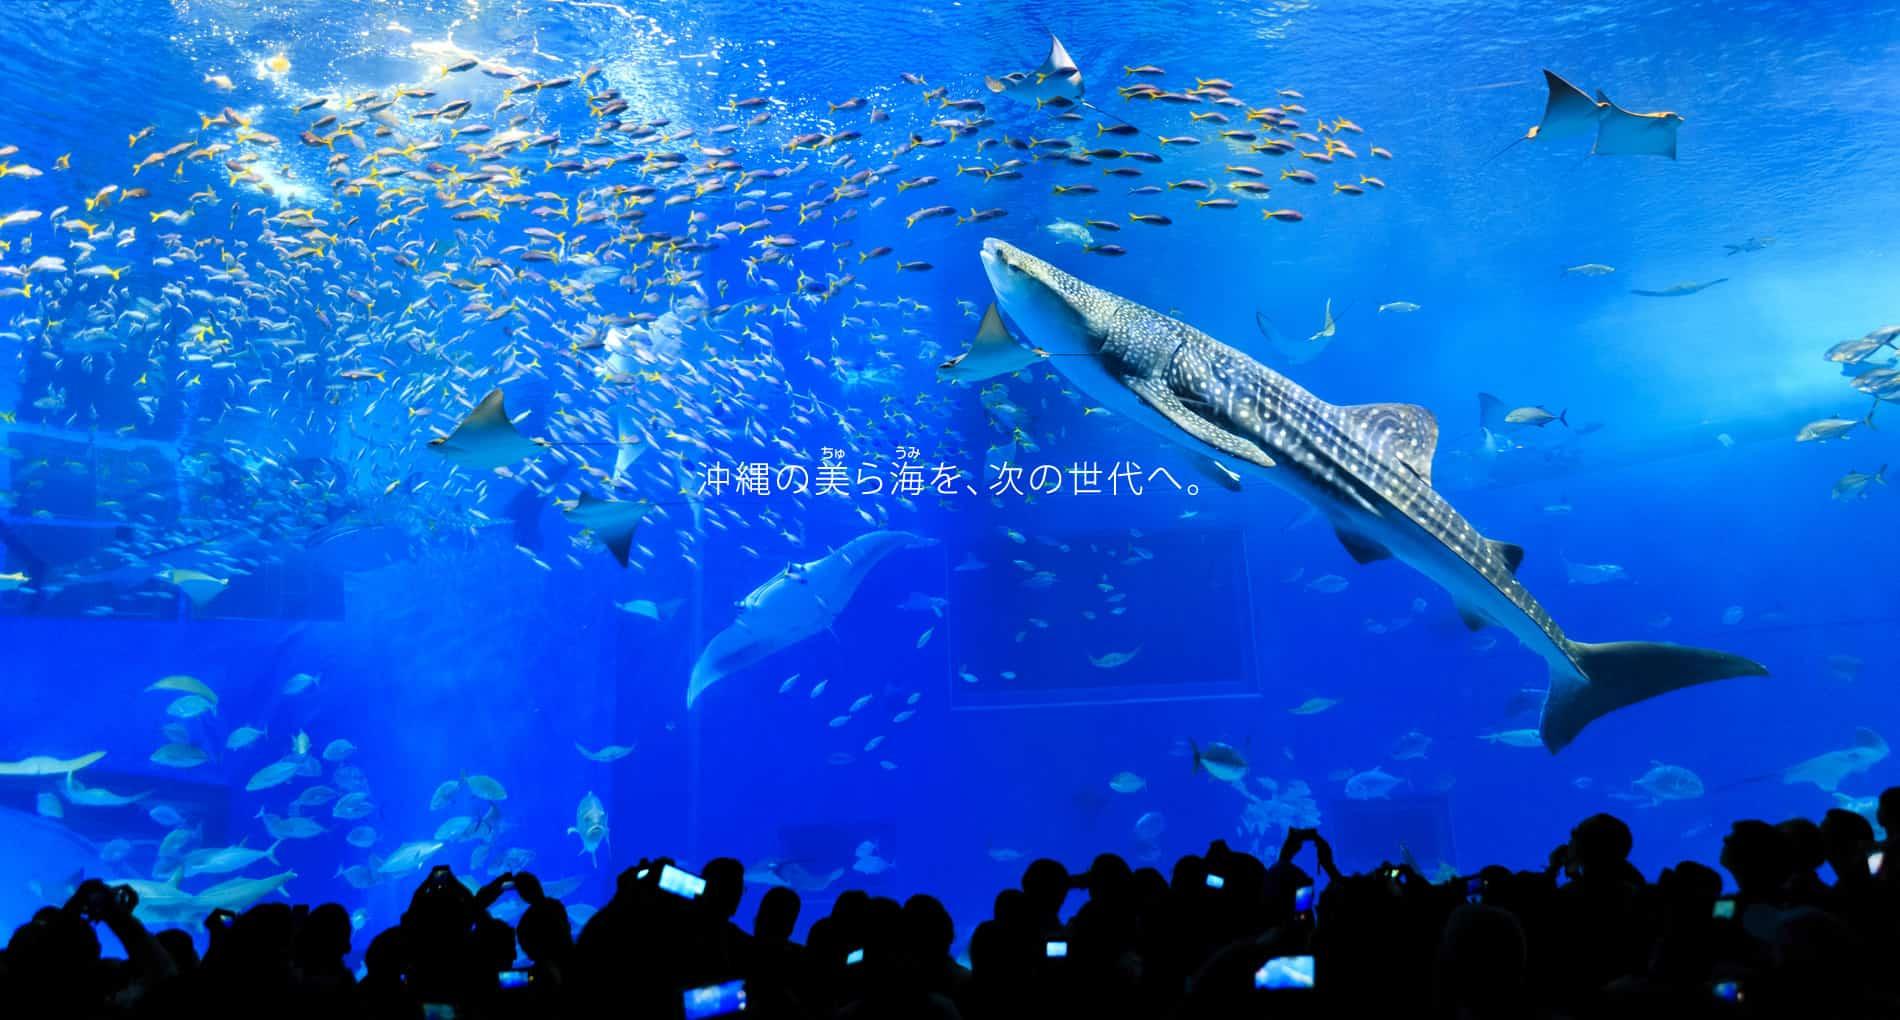 沖縄美ら海水族館 - 沖縄の美ら海を、次の世代へ。-